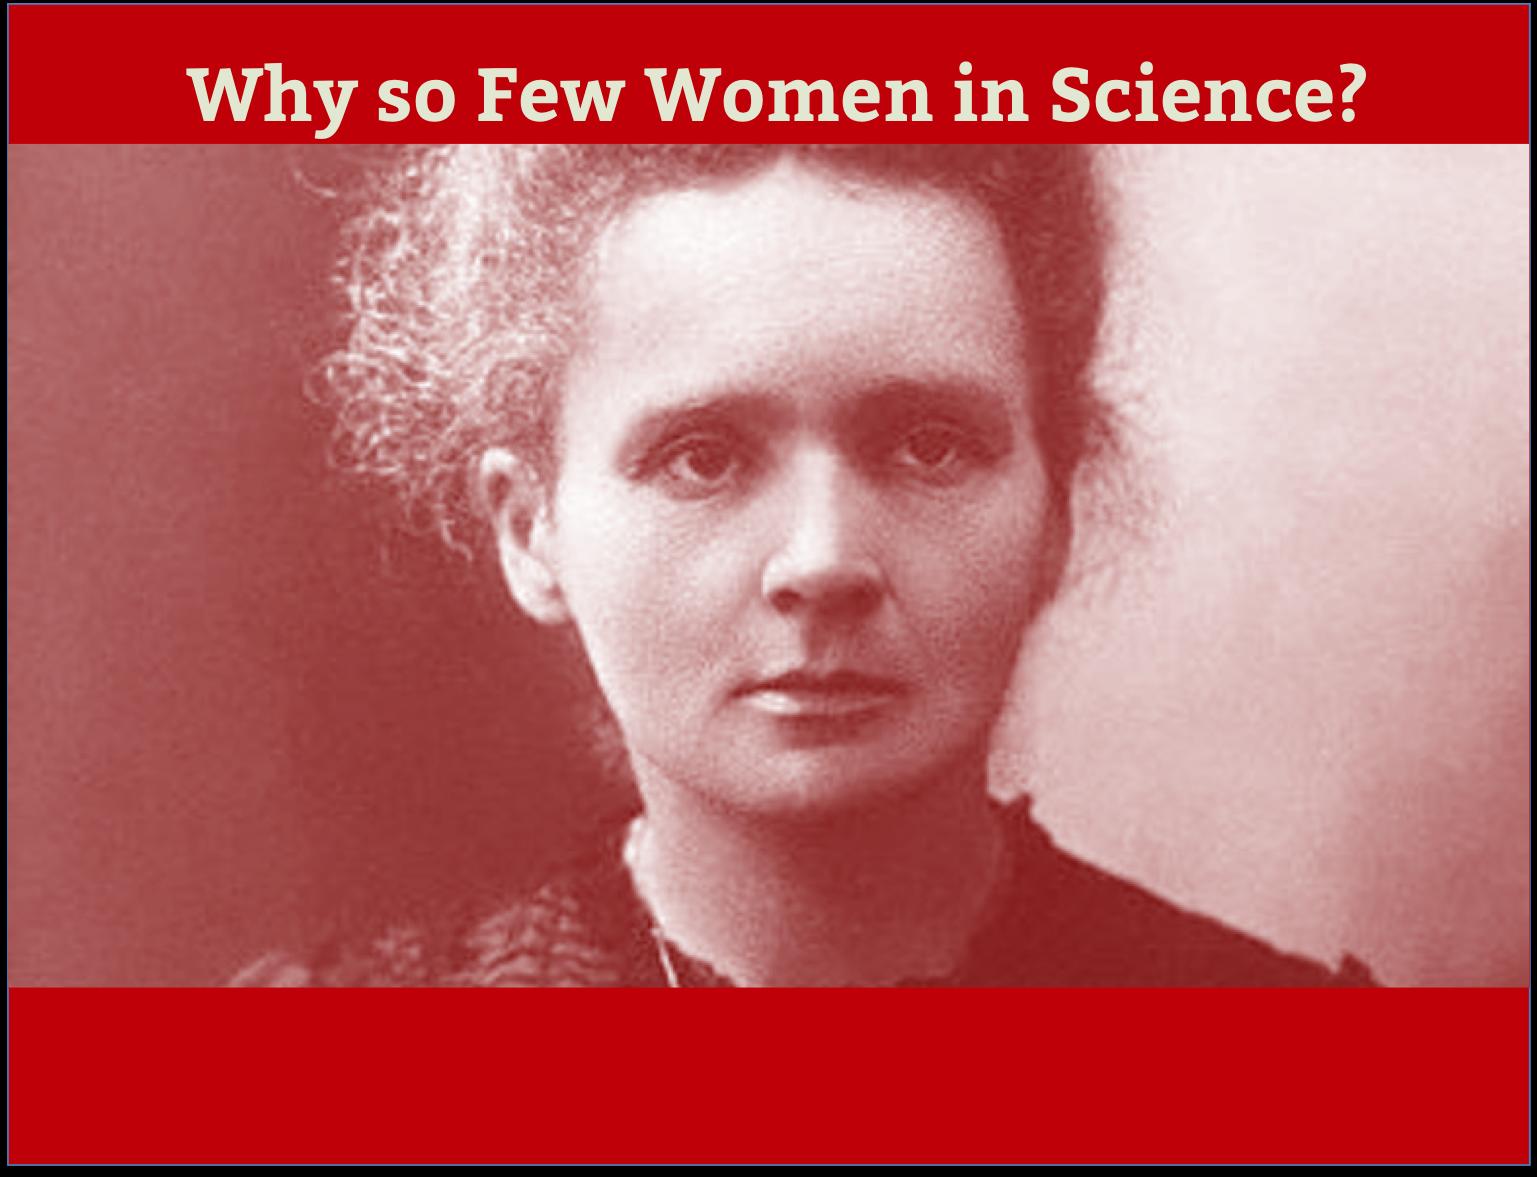 Why so few women in science?